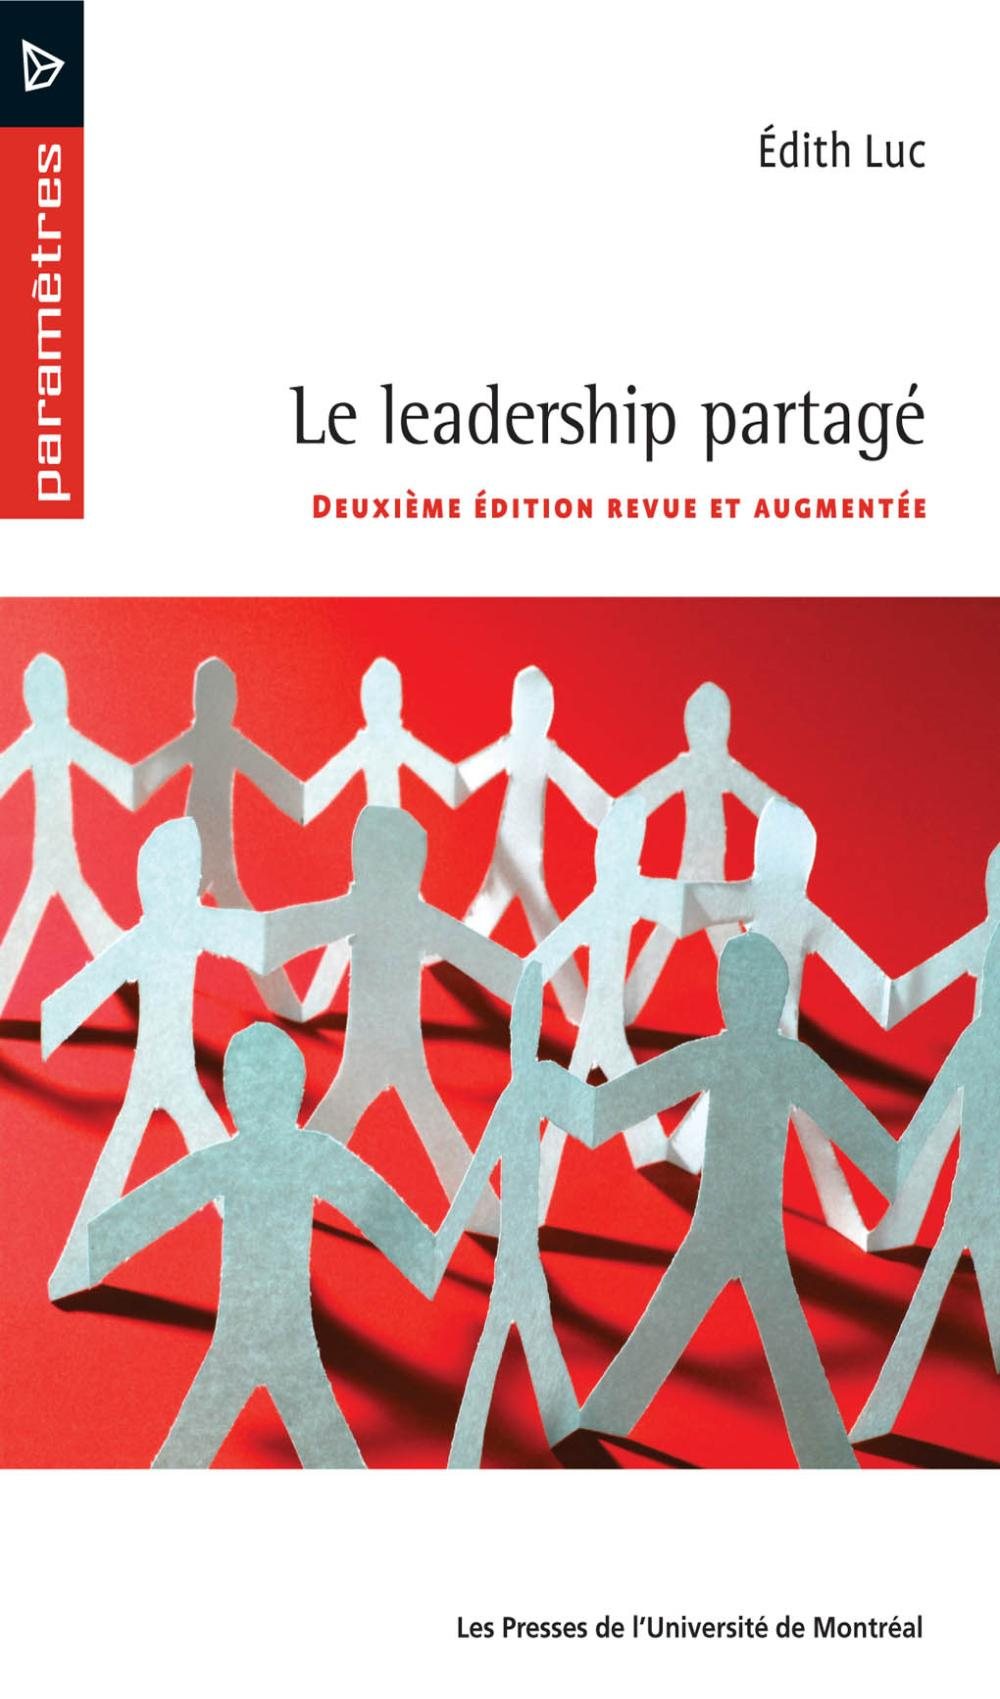 Le leadership partagé (2e édition)